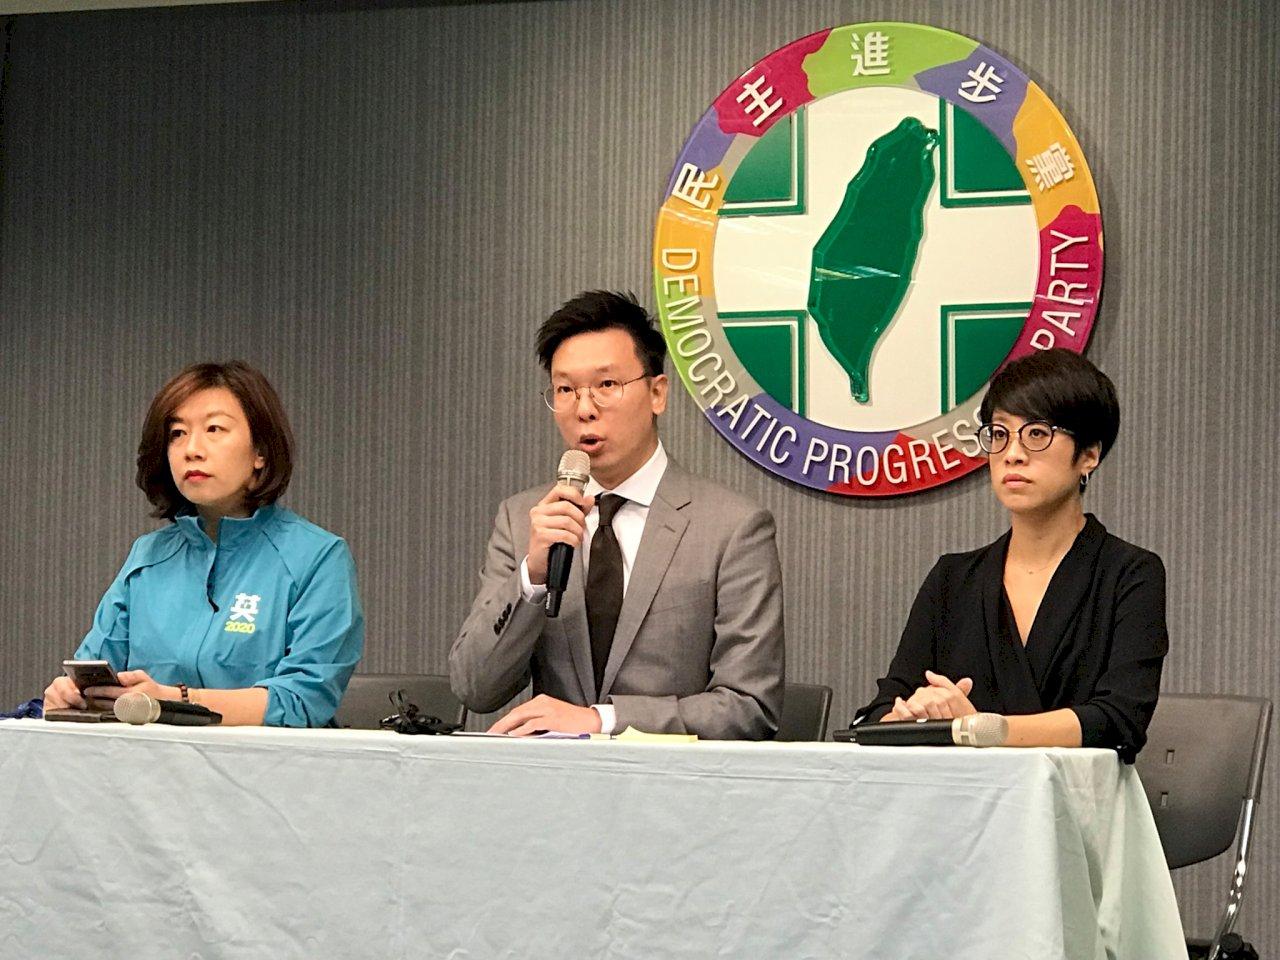 民進黨重批中國以金錢掠奪我邦交 施壓台灣人民